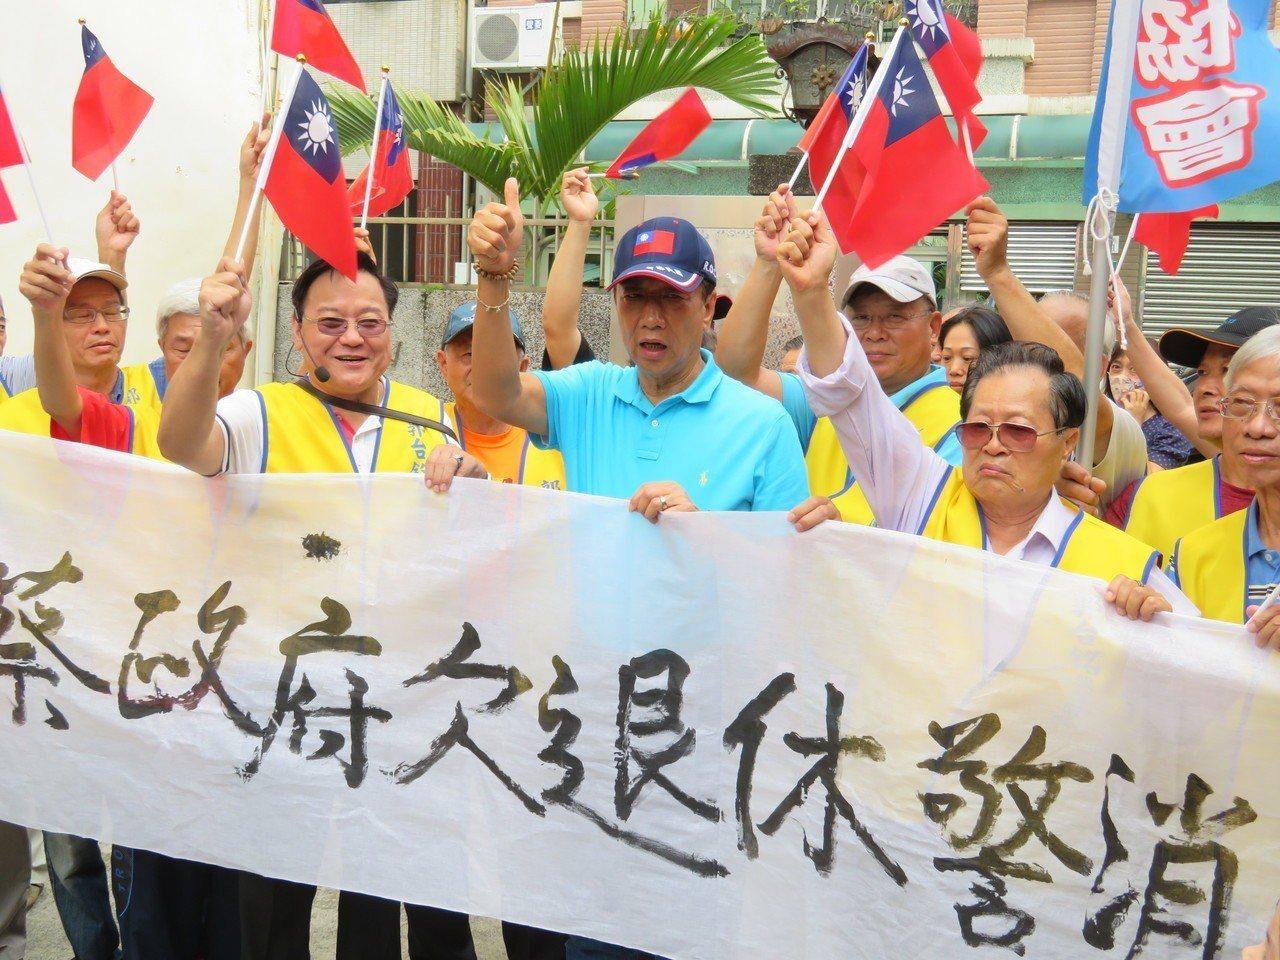 郭台銘抵達檜村,嘉義市退休警察協會陳情表達支持,郭說,他是警察子弟,一定找回警察...